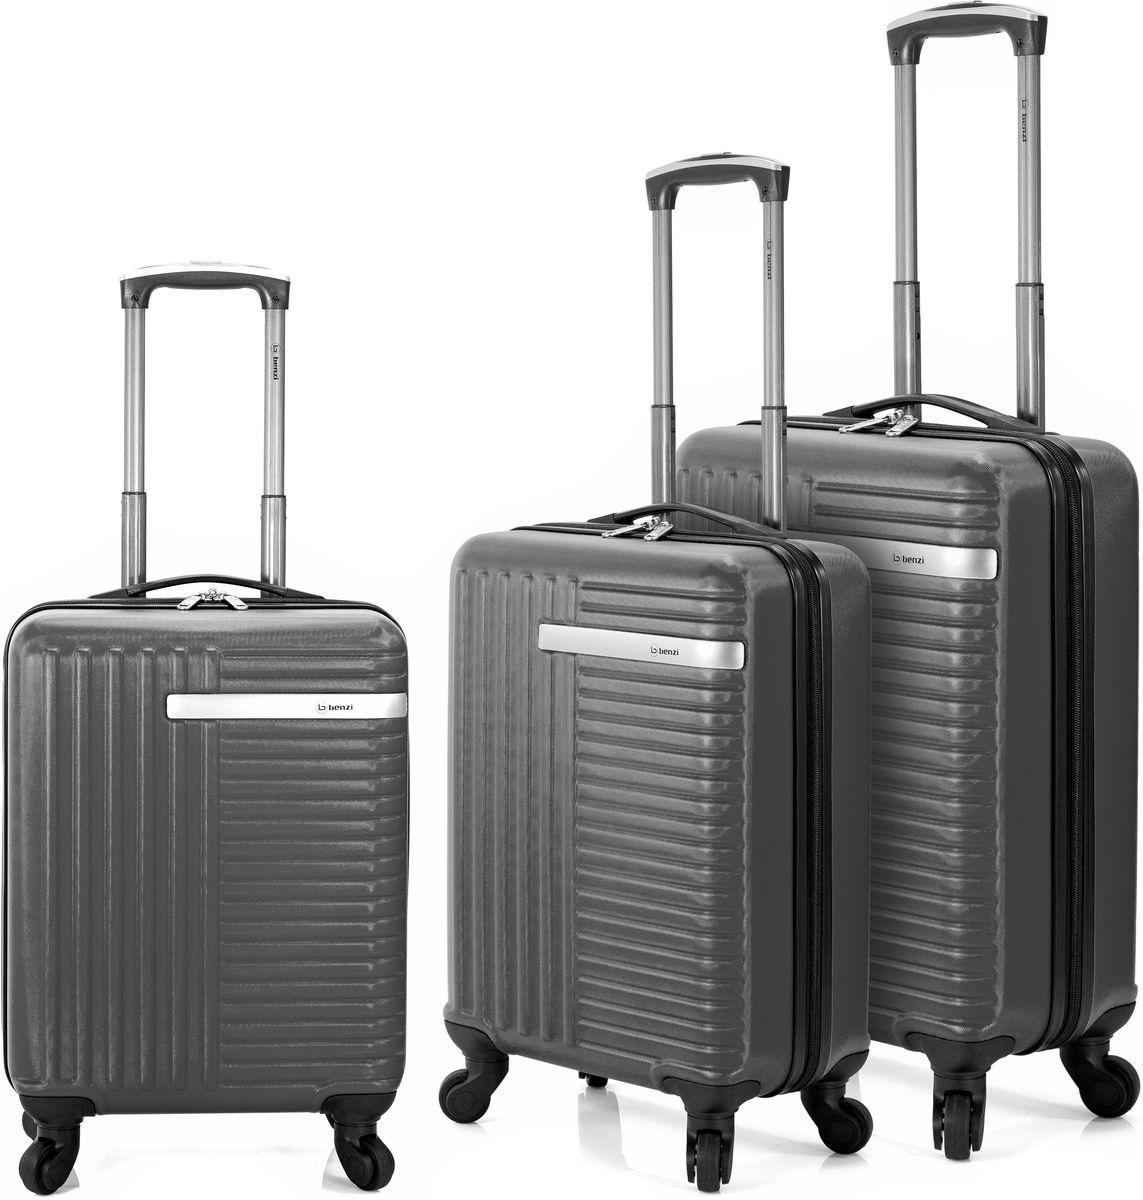 610d3b1044 Σετ Βαλιτσες 55-60-70 με 4 Ροδακια Benzi BZ5161 Γκρι